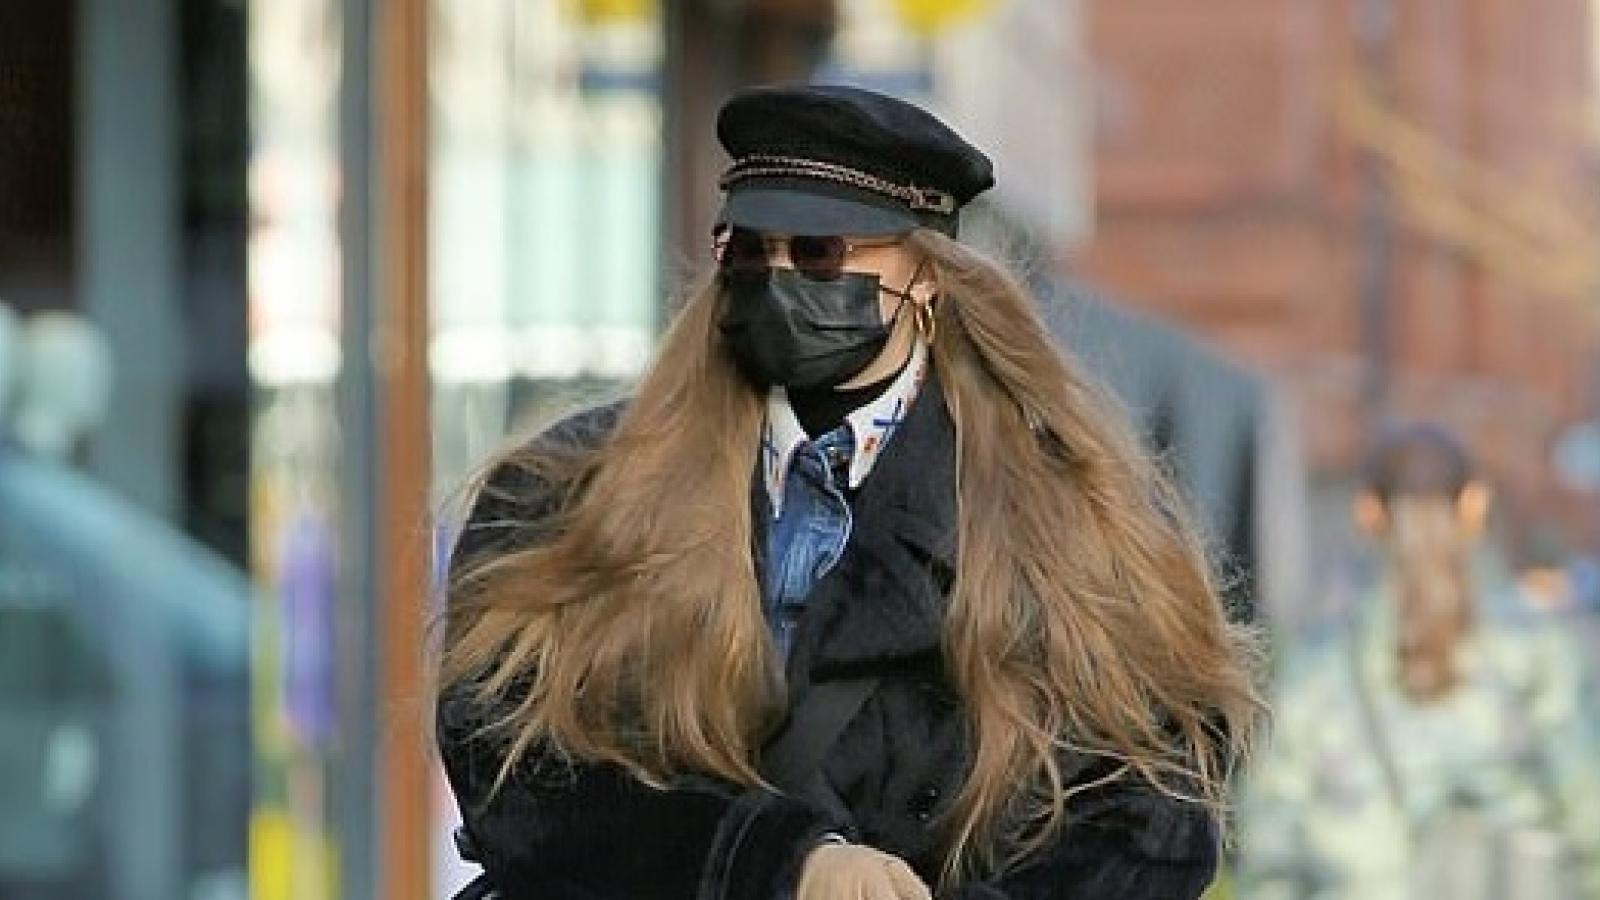 Siêu mẫu Gigi Hadid mặc đồ sành điệu, hiếm hoi đưa con gái cưng ra phố đi dạo